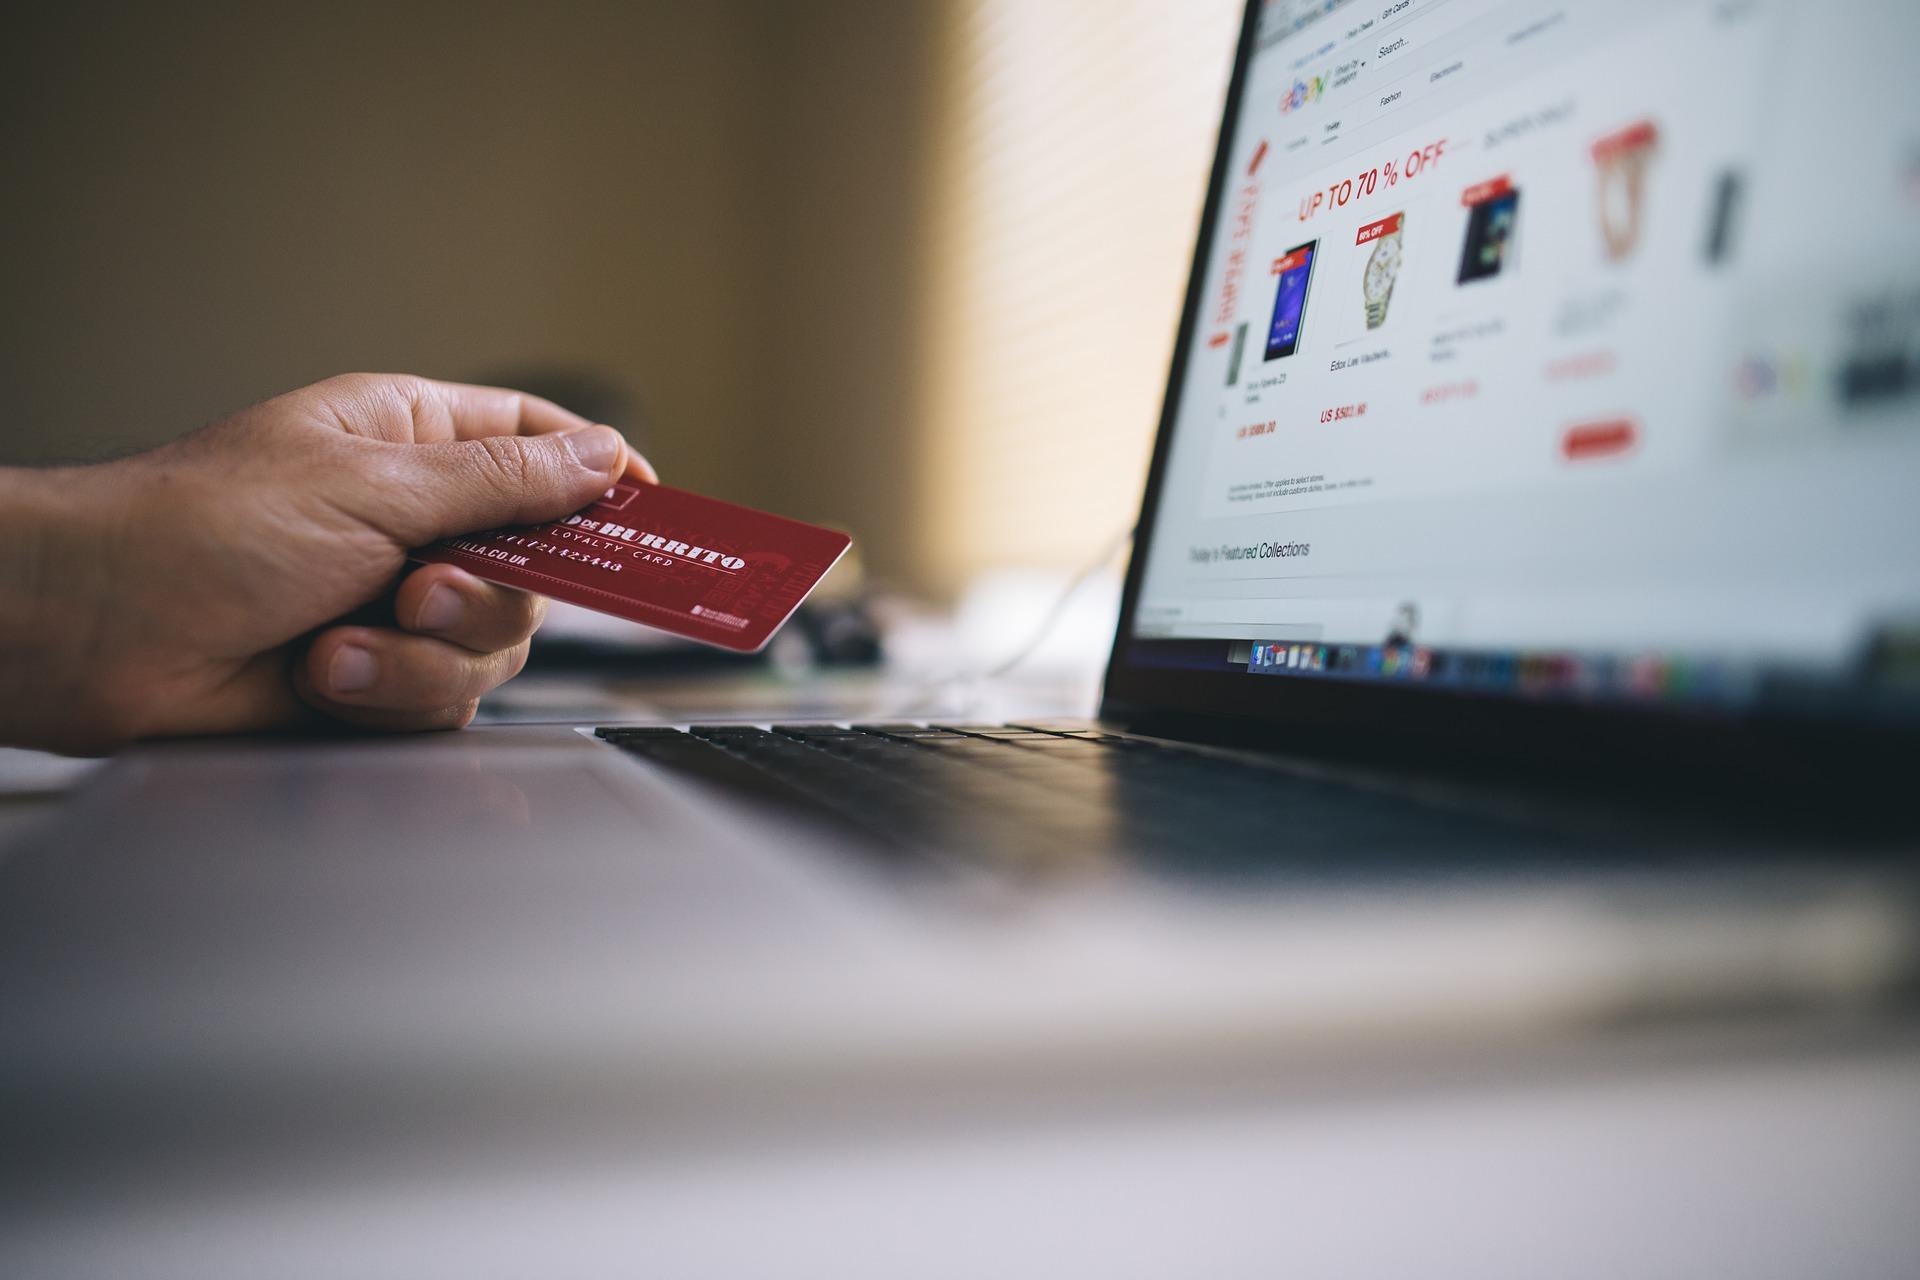 Pourriez-vous régler vos achats en données personnelles ? Un magasin teste le concept - Tech - Numerama